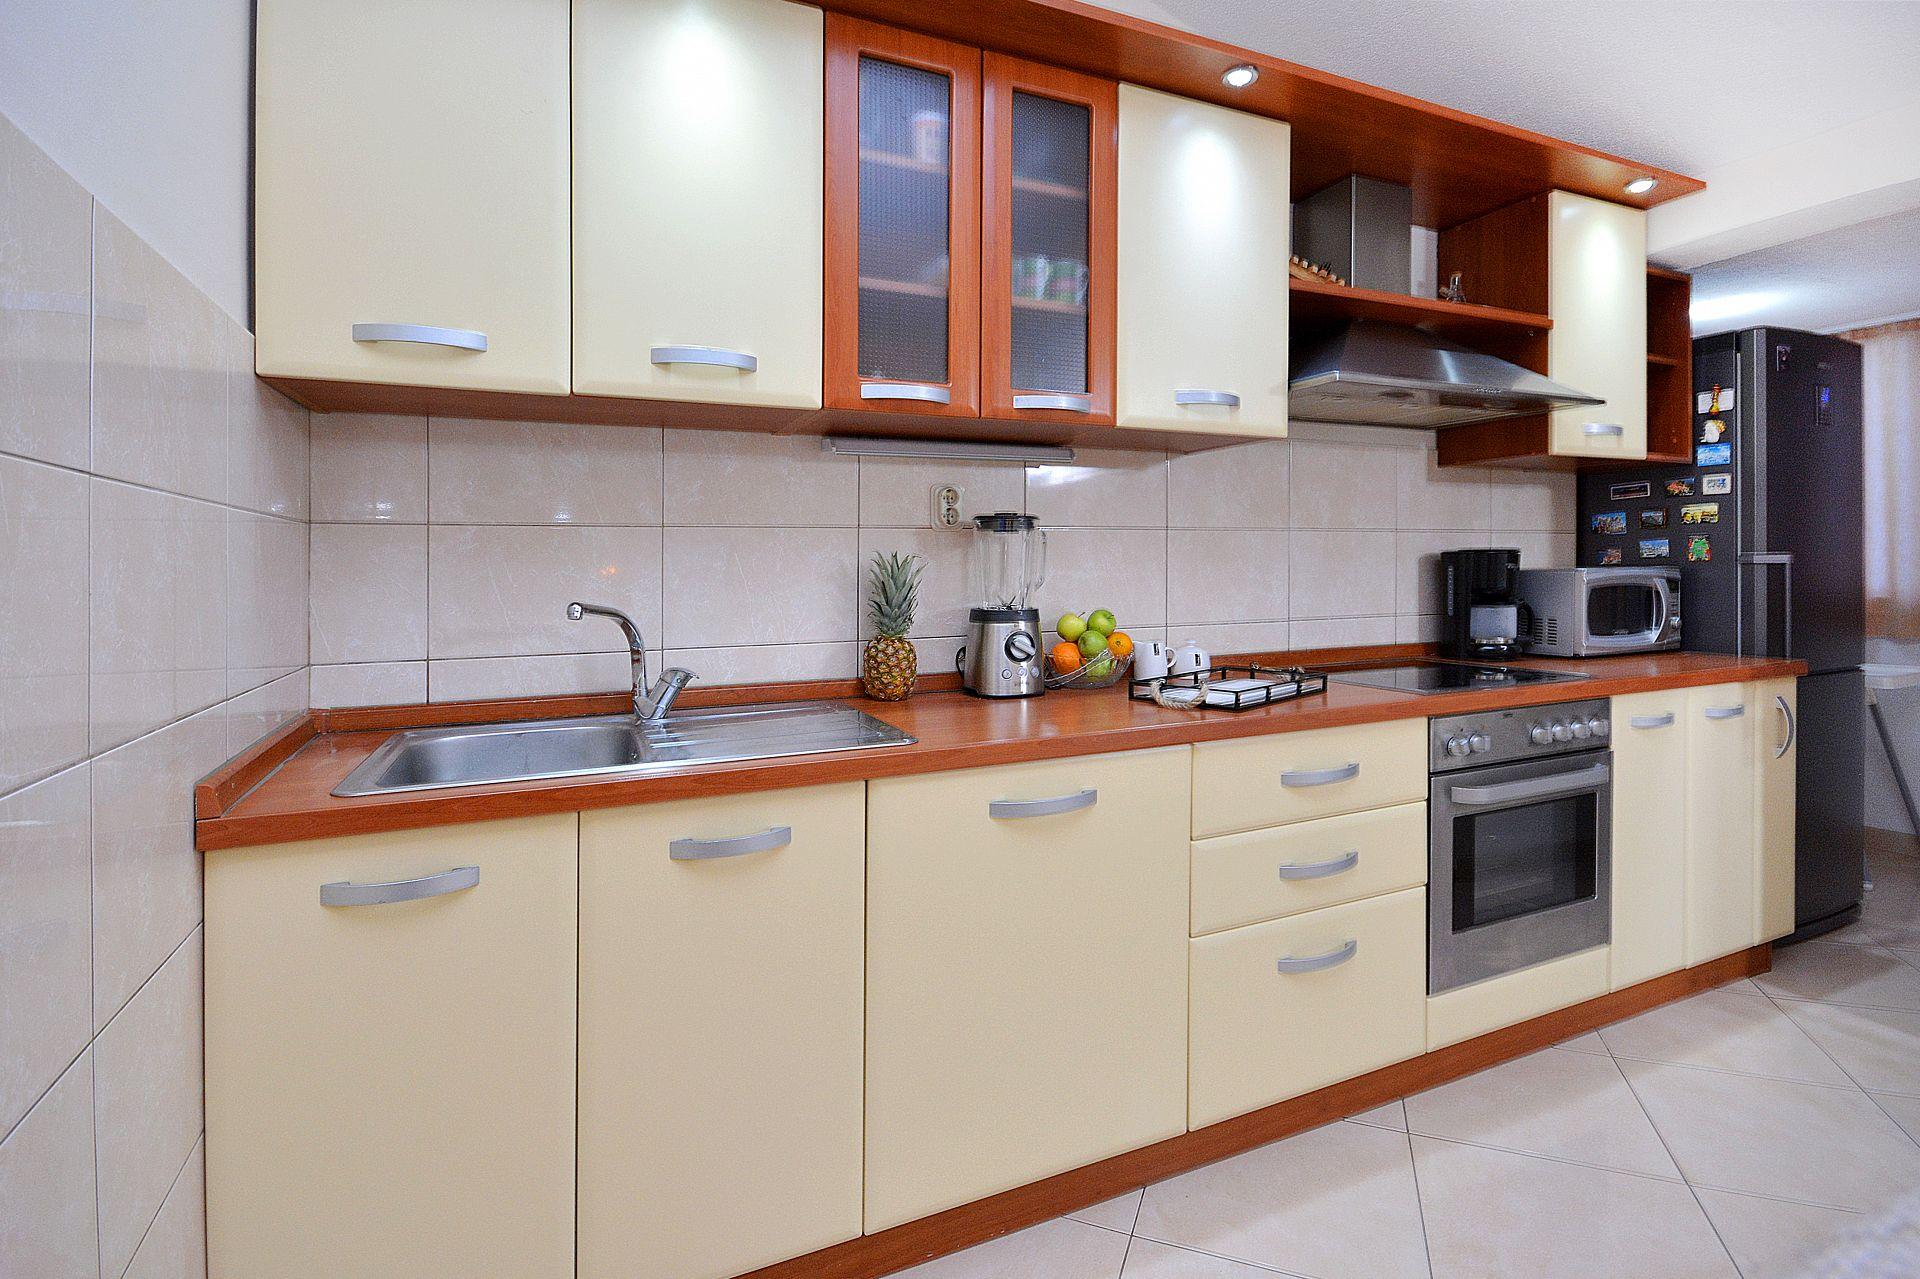 Zeljko - Marina - Appartementen Kroatië - A1(6+2): keuken